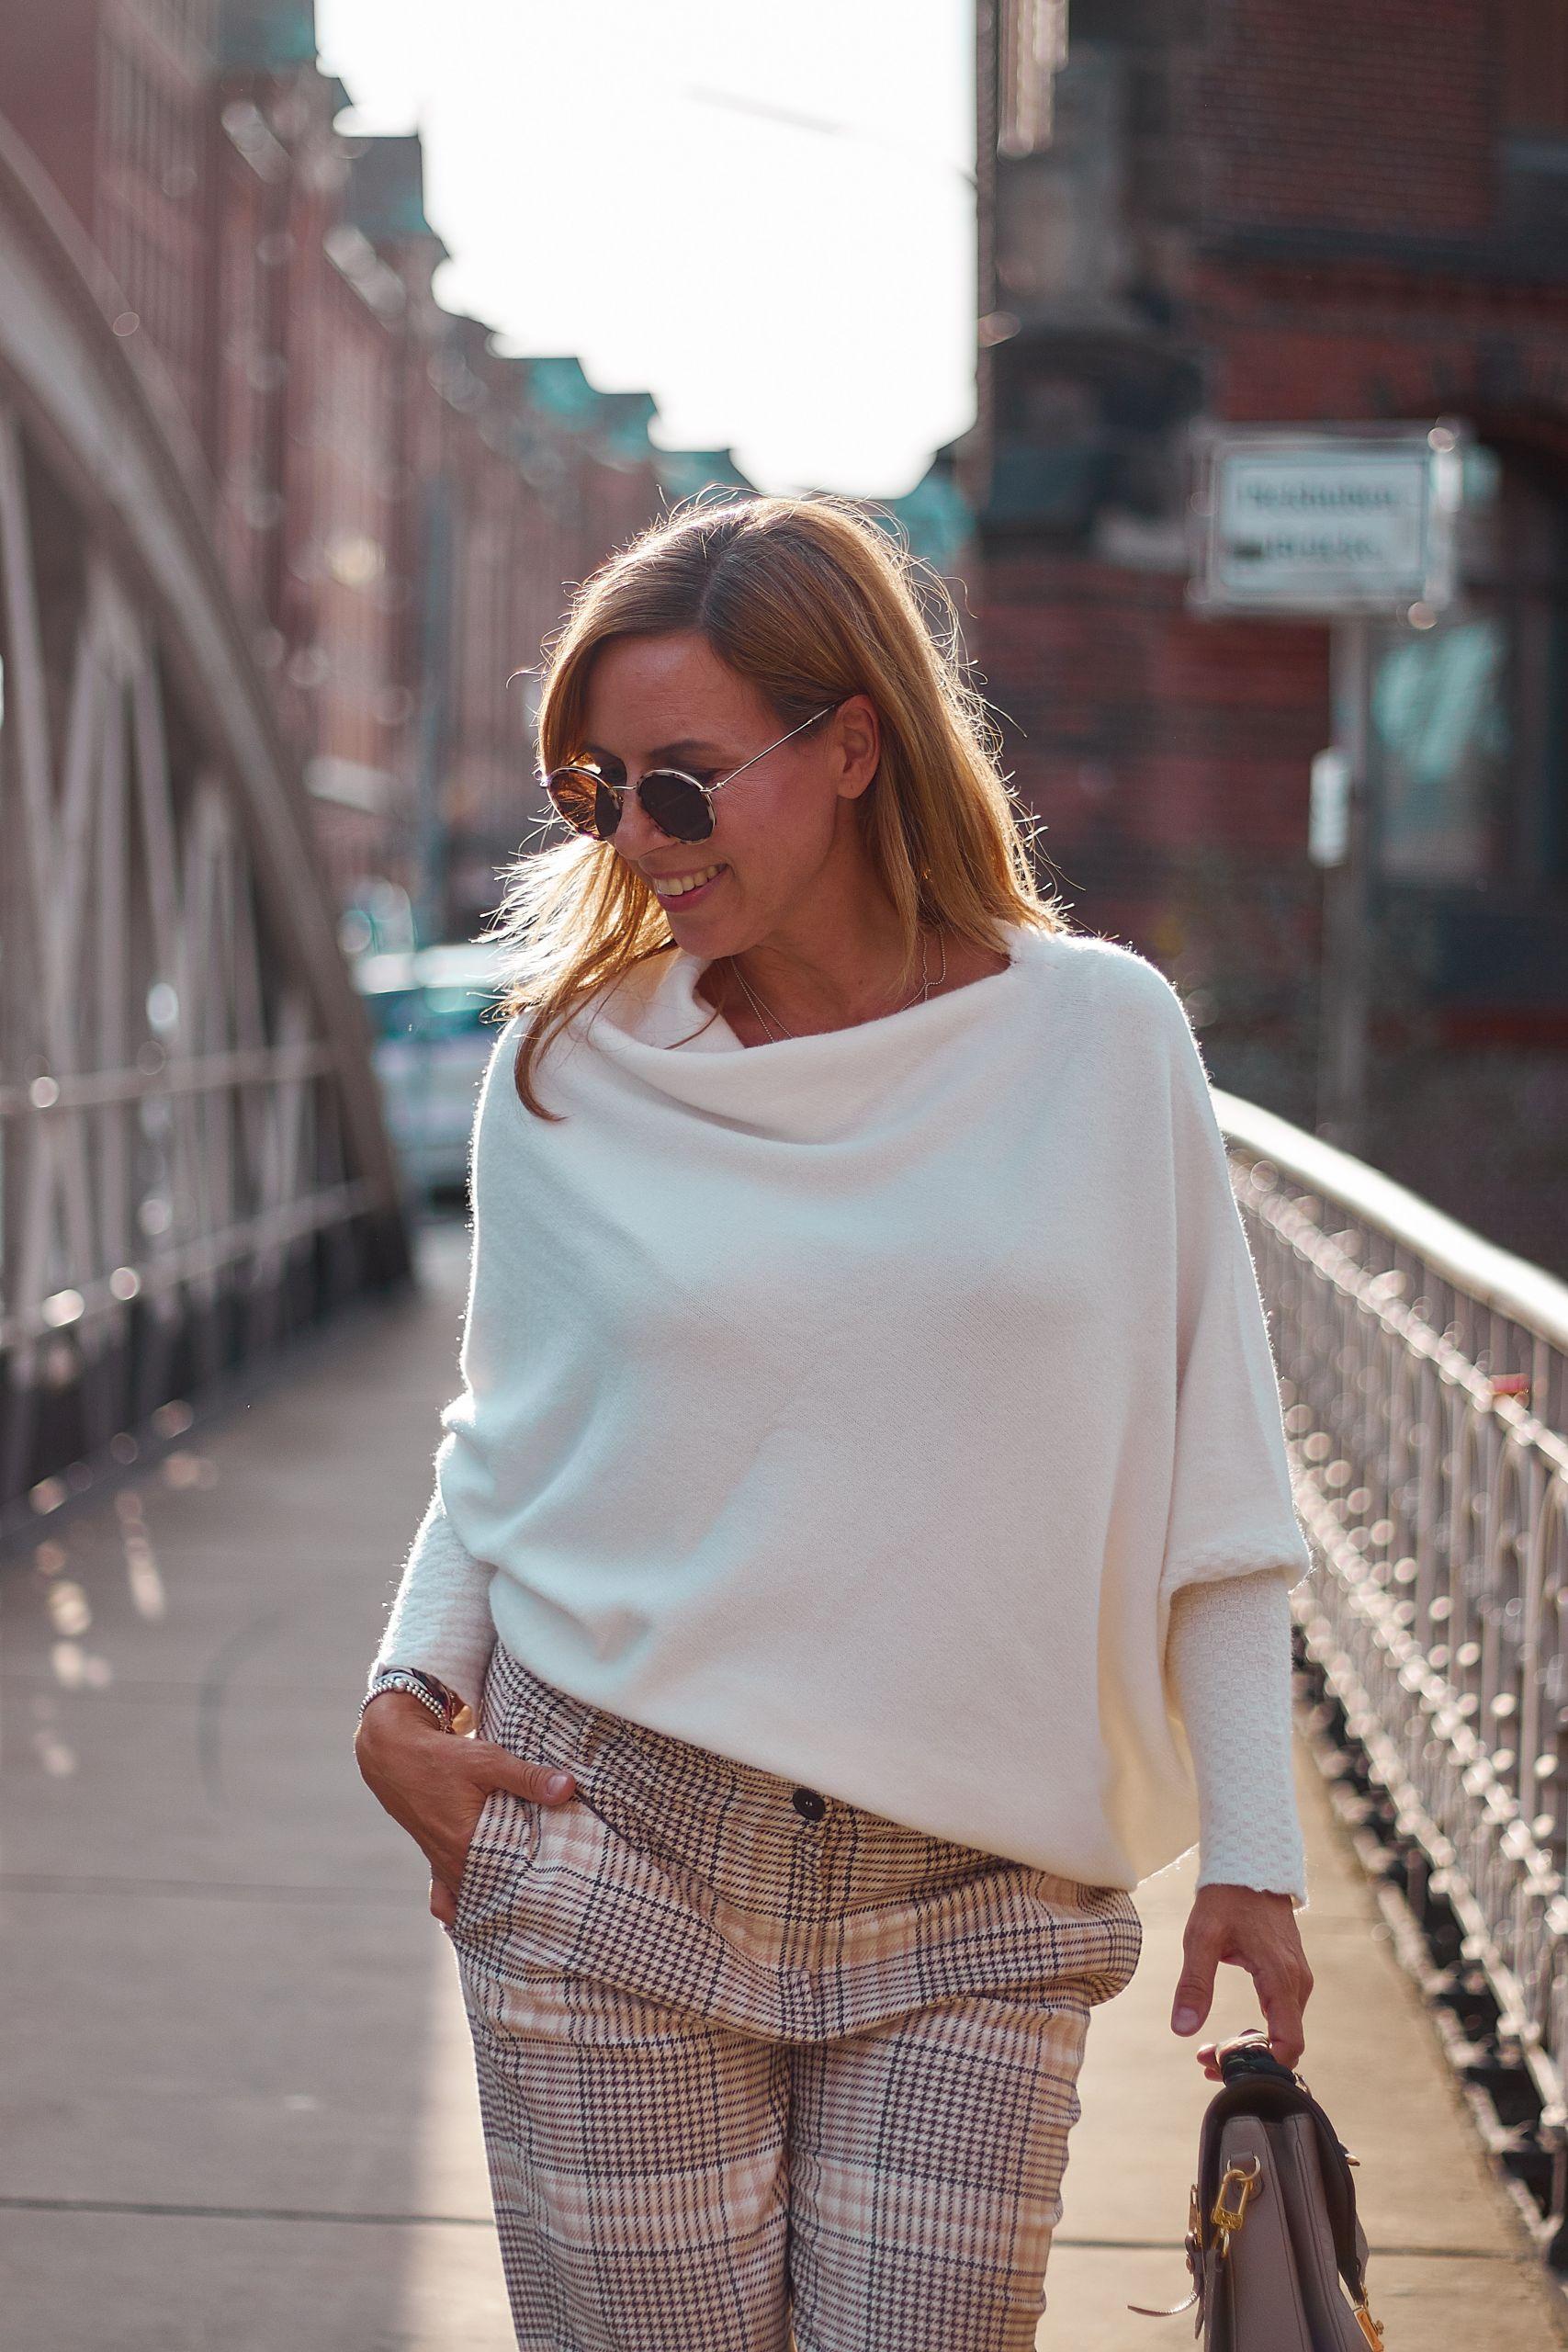 Karohose von Marc Aurel Fashion zu Pullover in Creme in der Speicherstadt